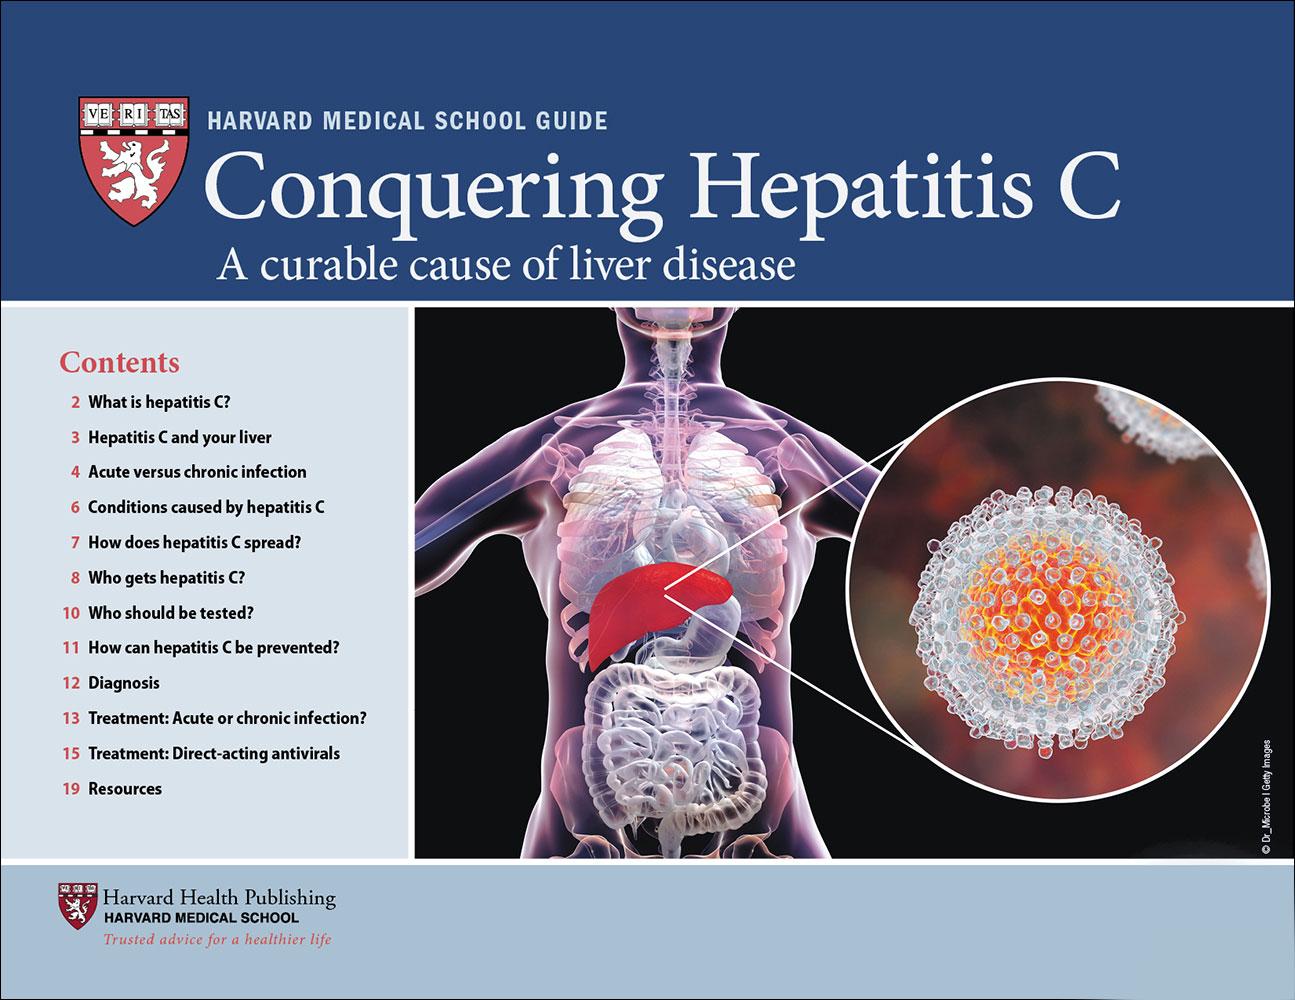 Conquering Hepatitis C Cover